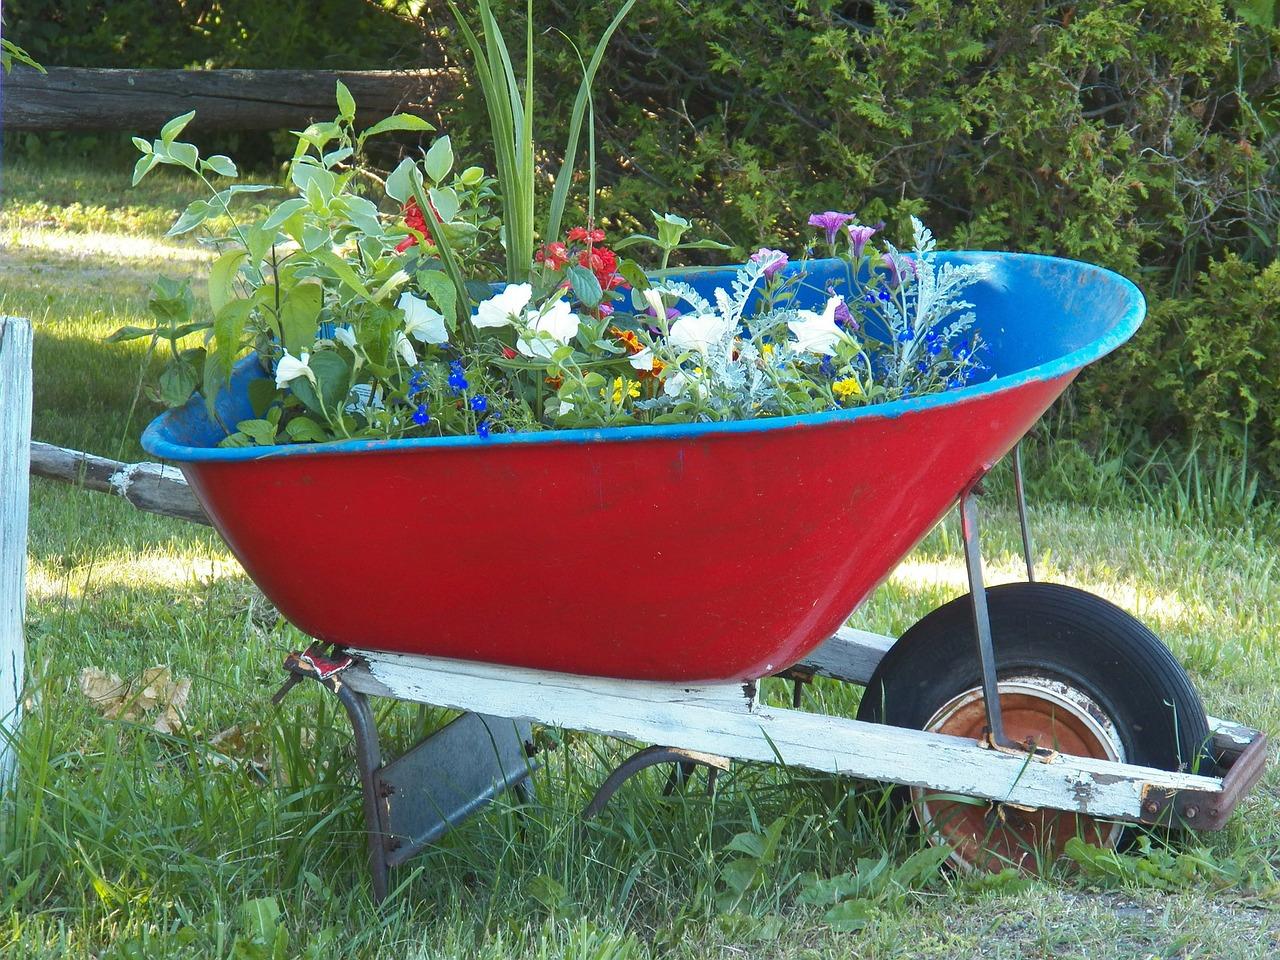 kvetiny-kolecko-zahrada